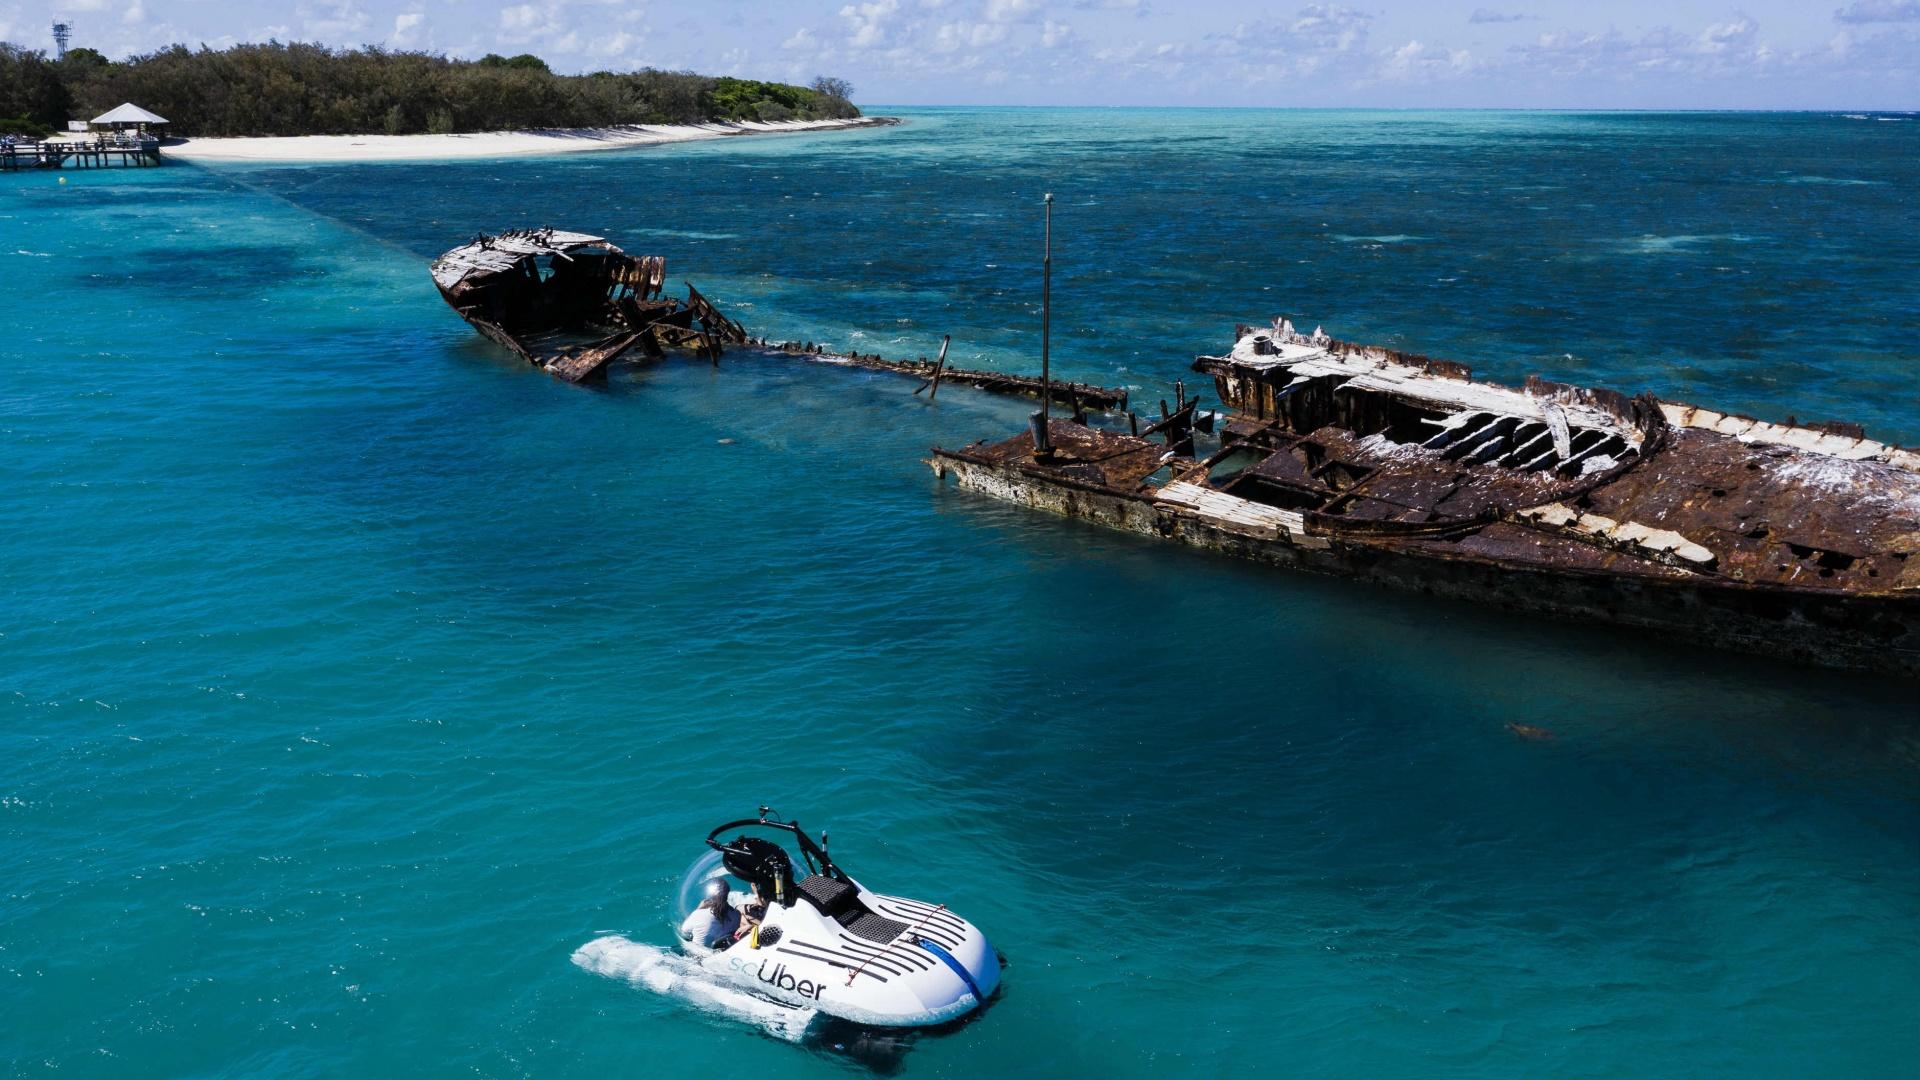 Uber Launches World's First Rideshare Submarine